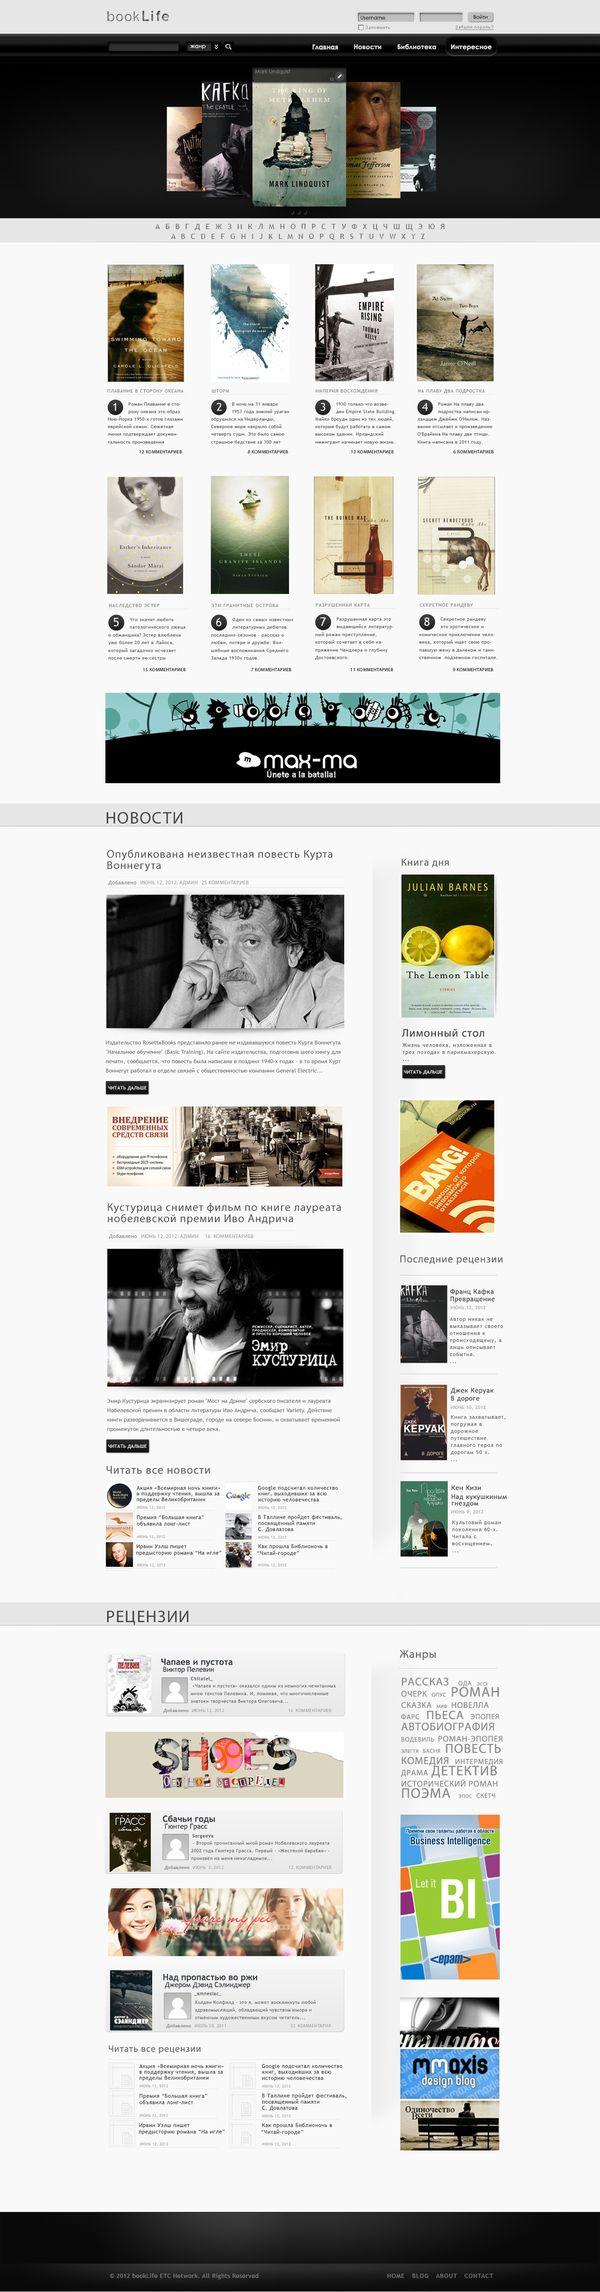 BookLife on Web Design Served